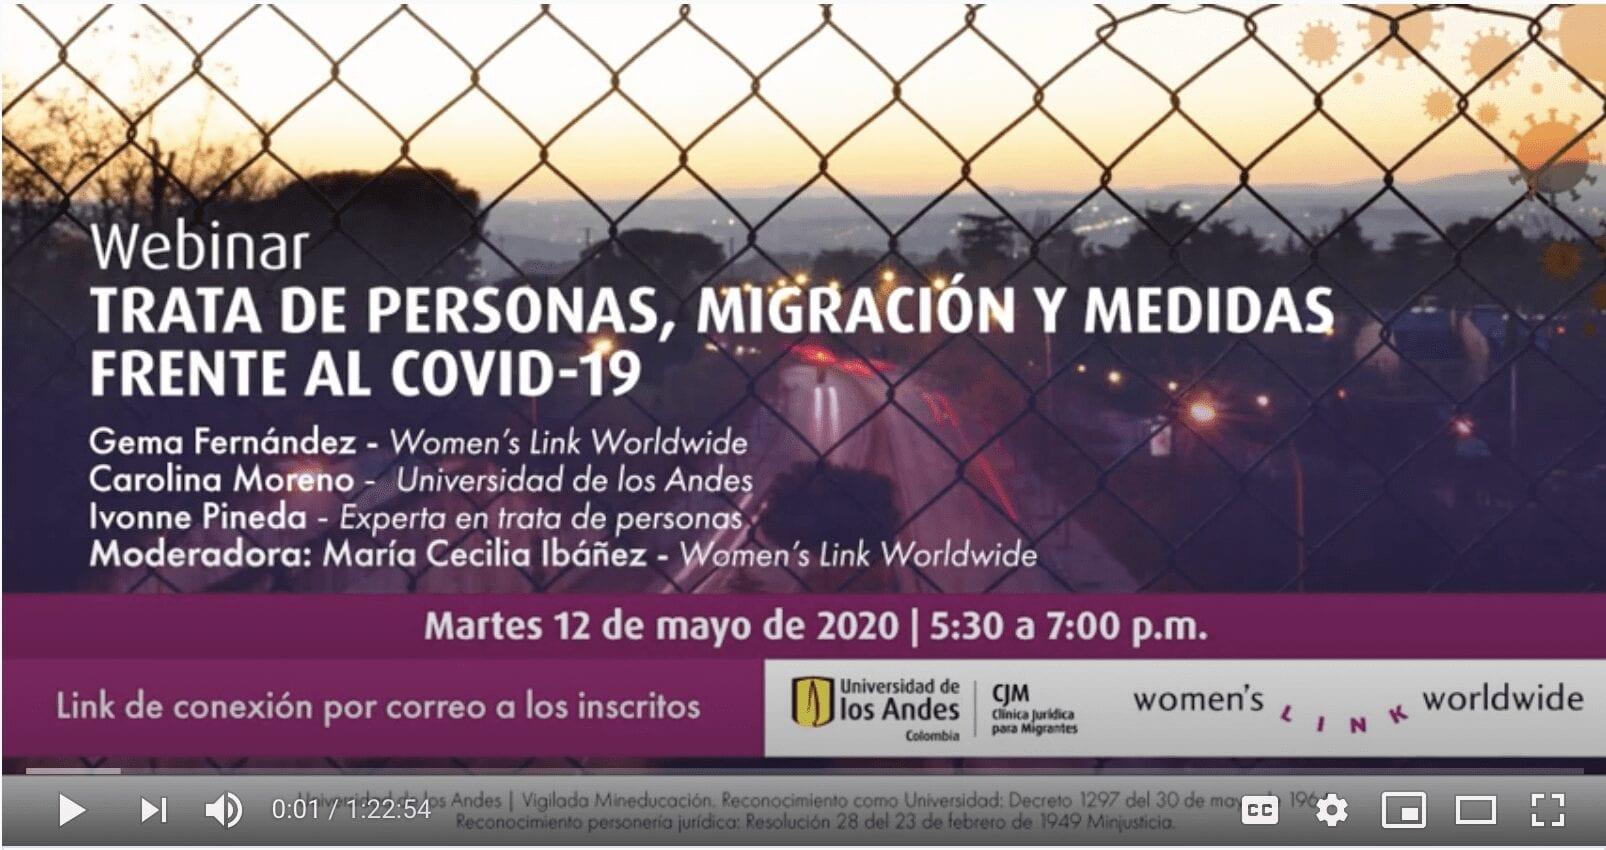 Evento virtual: Trata de personas, migración y medidas frente al Covid-19